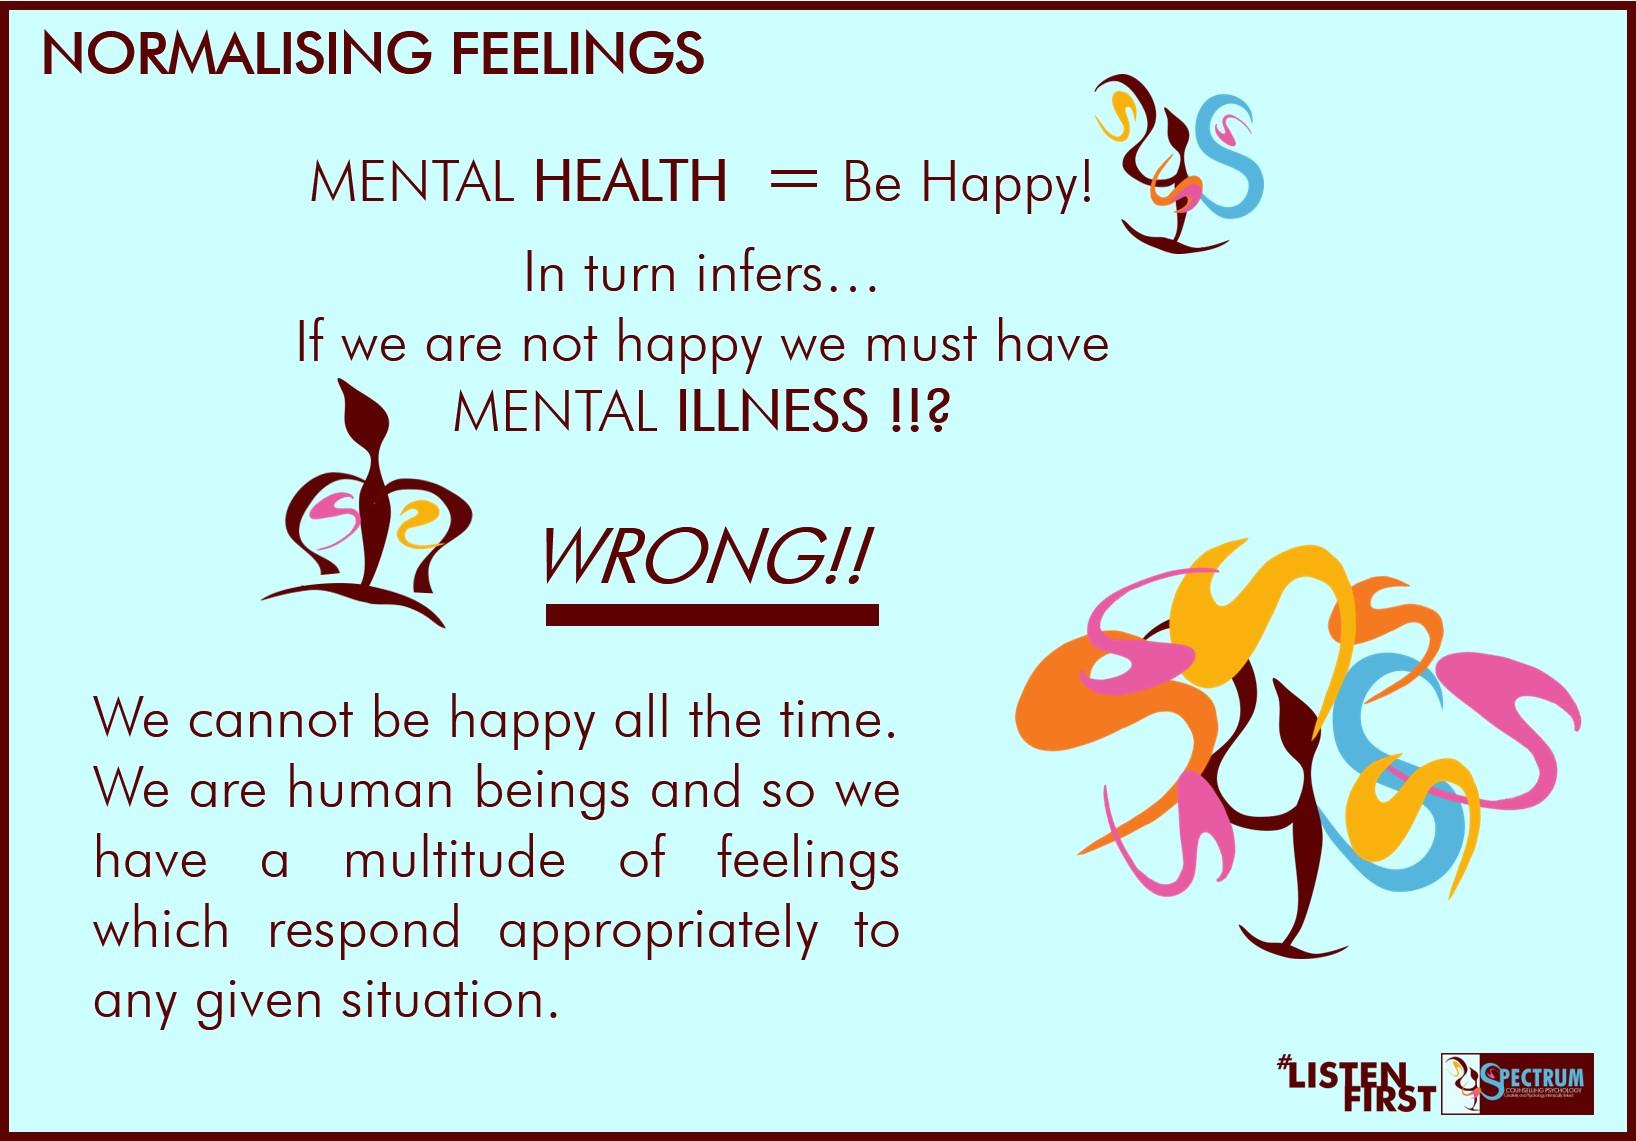 Normalising feelings mental 'health'